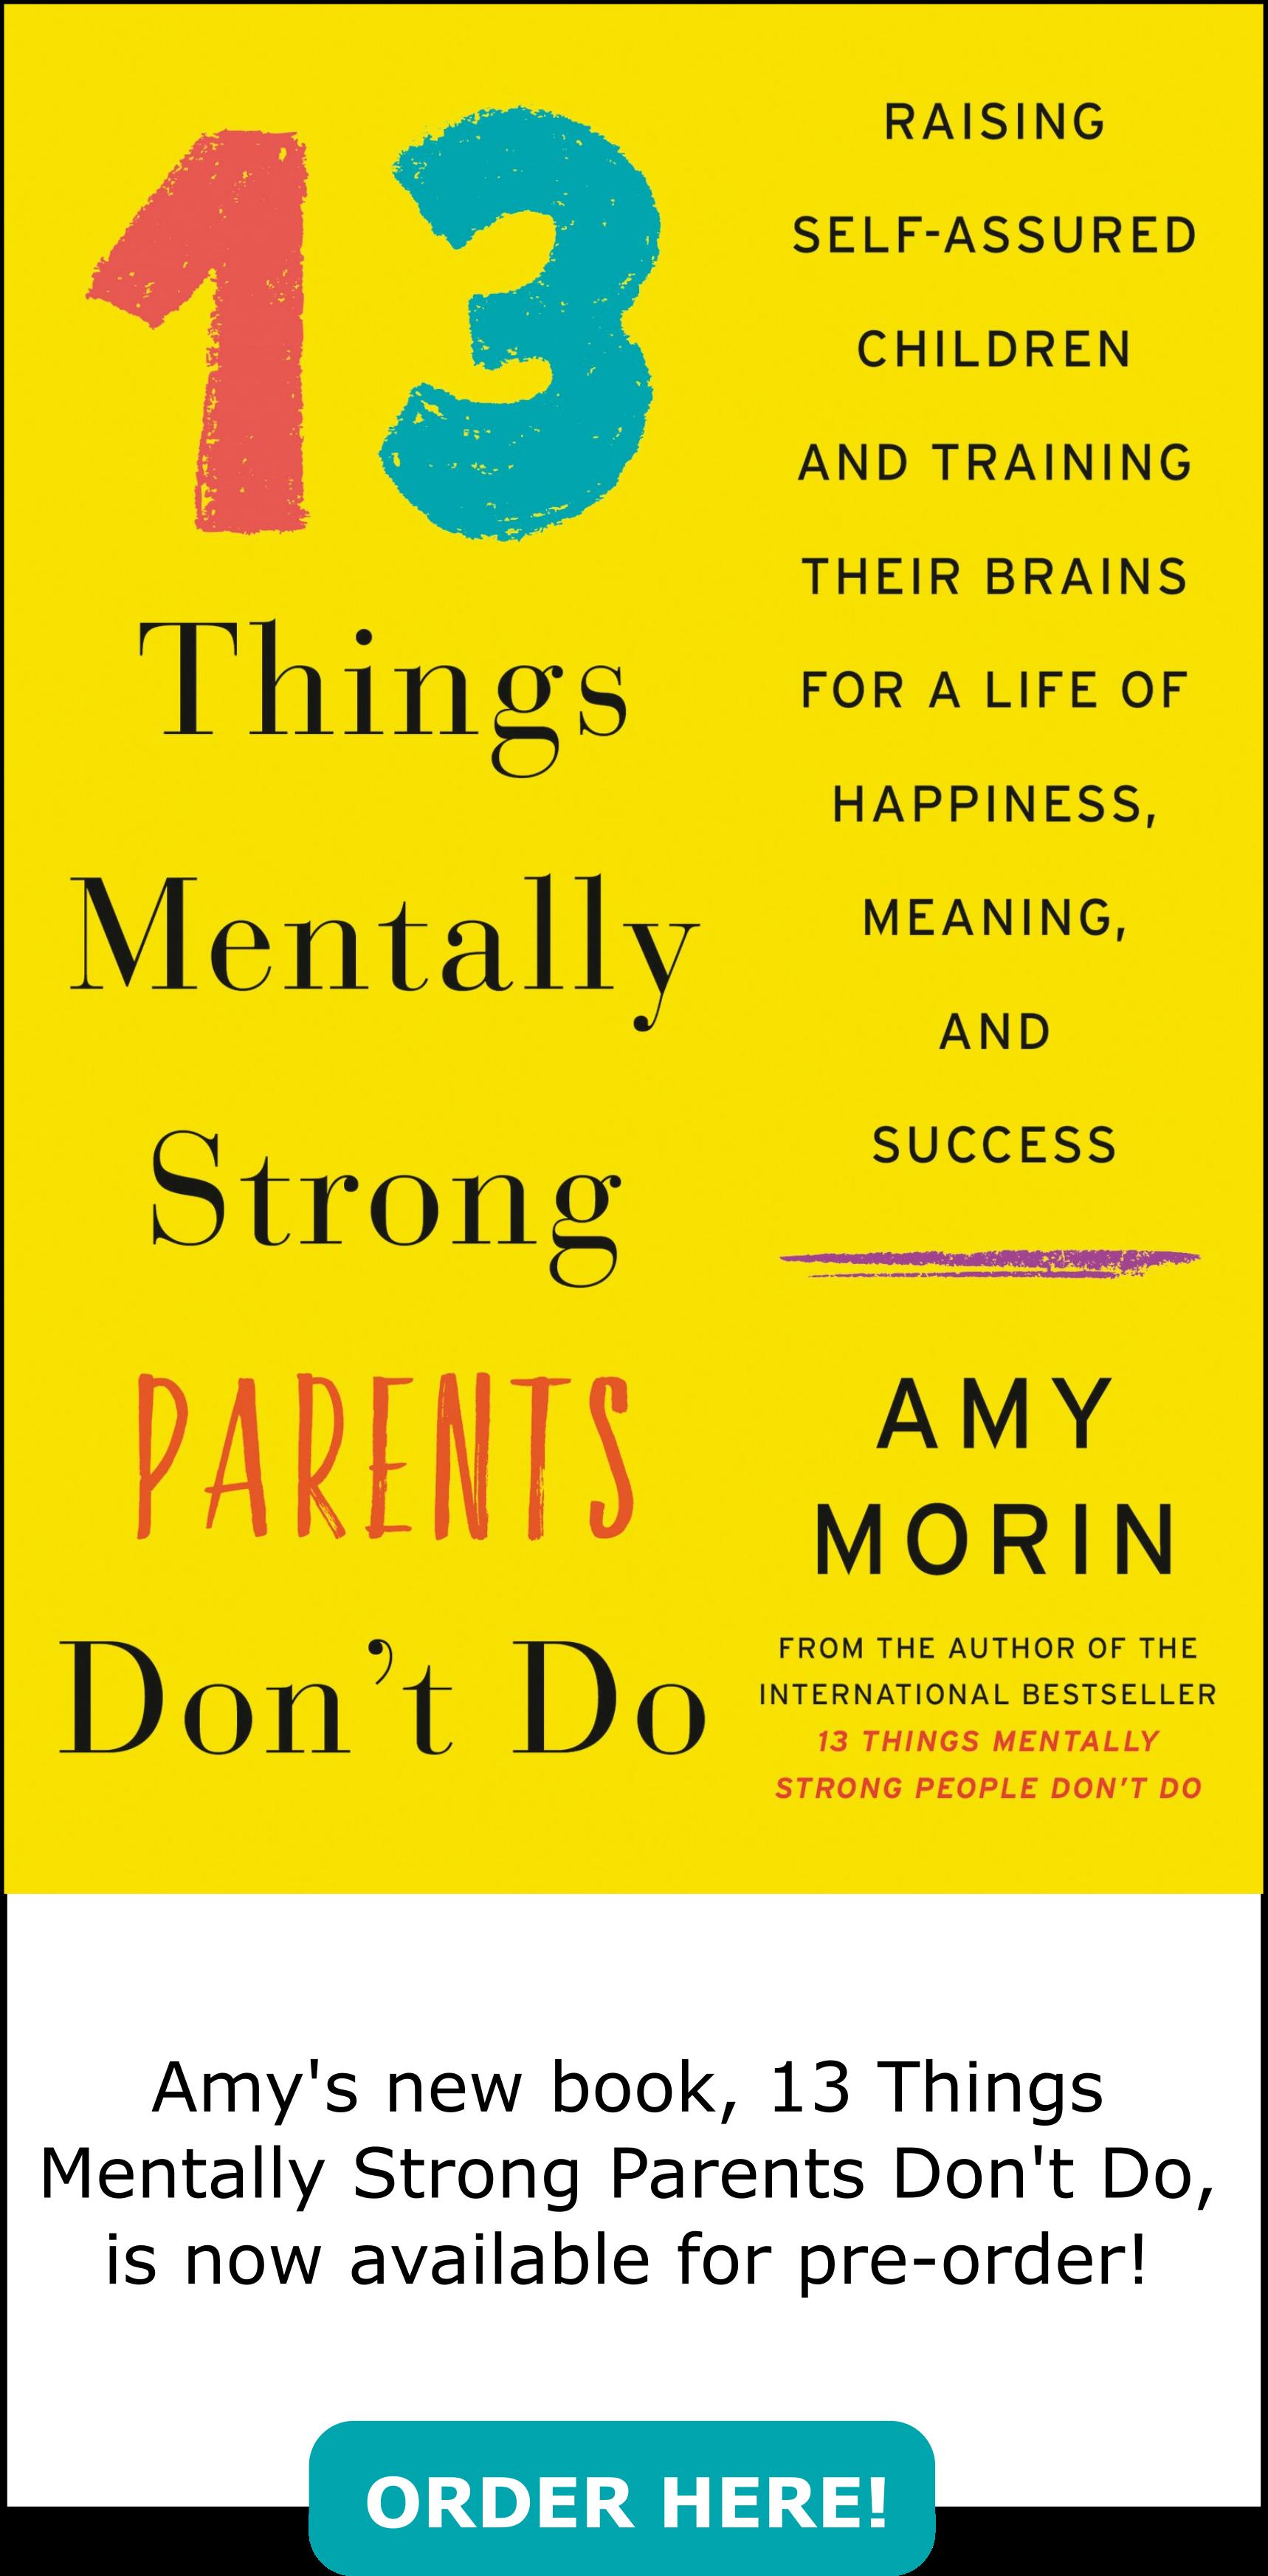 Parents Book Ad